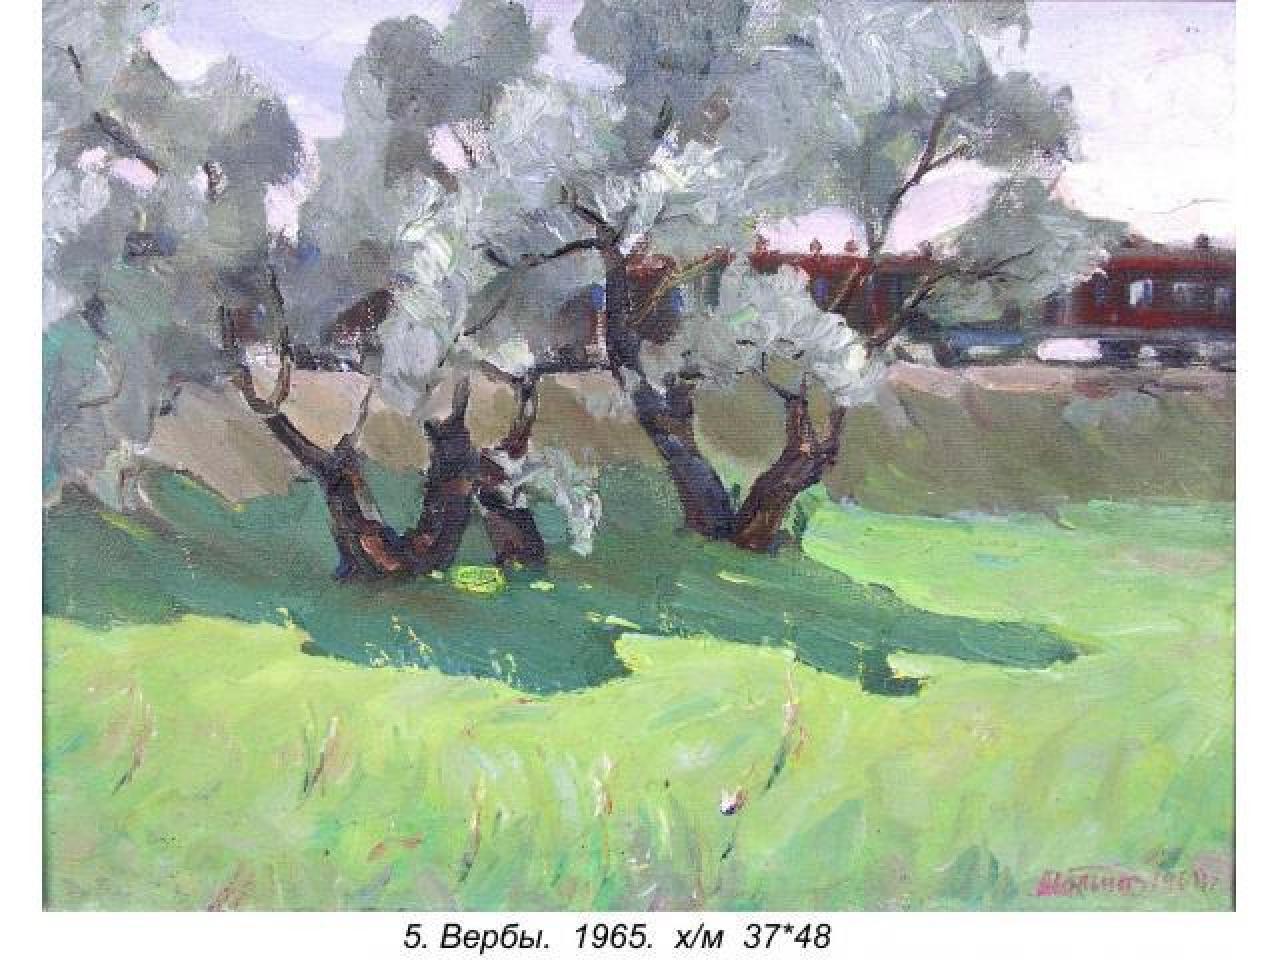 продам живописные картины соцреализма (более 500 шт.) Мальцева П,Н, - 3